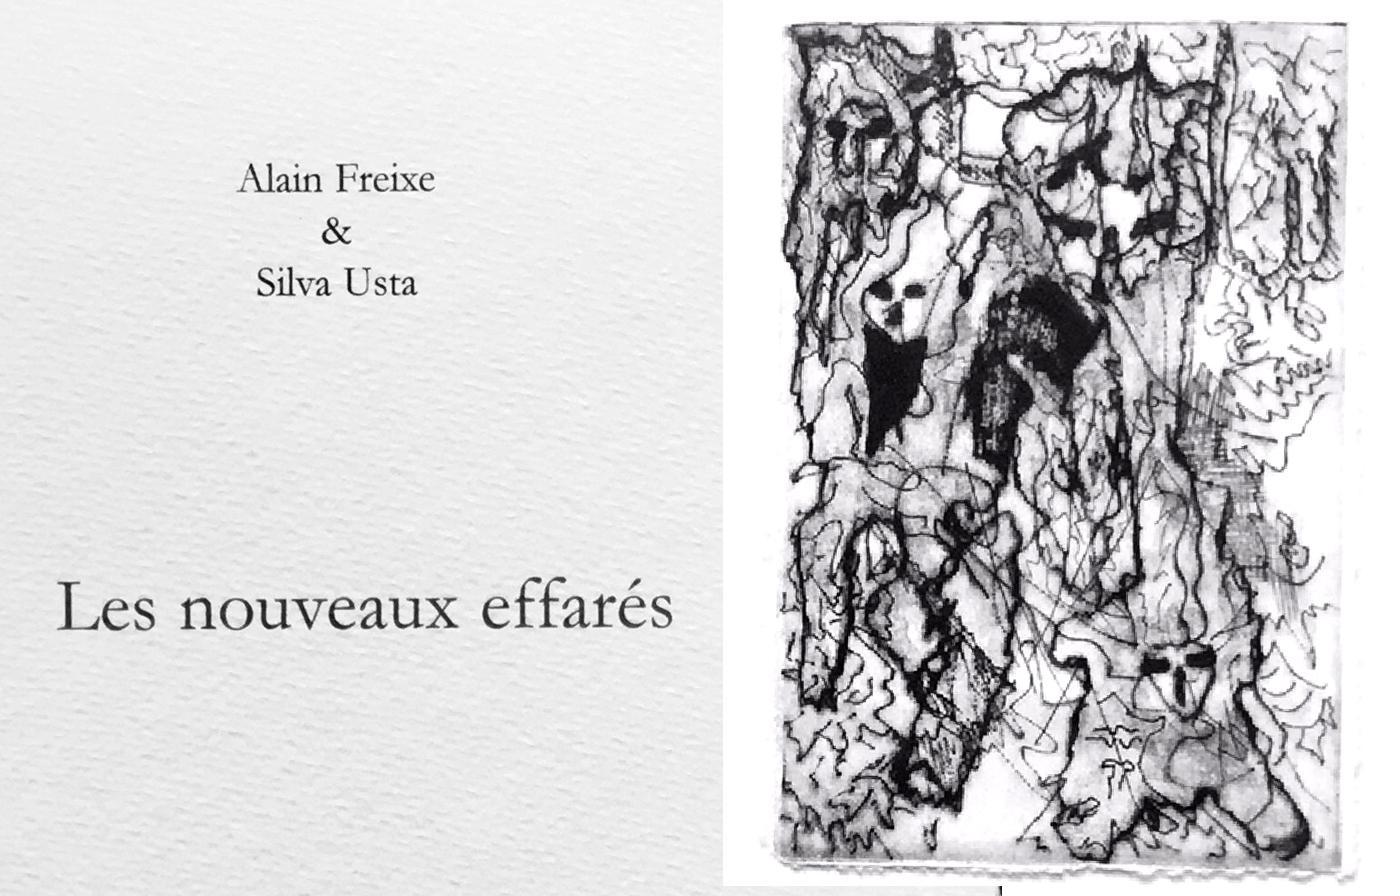 Alain Freixe & Silva Usta